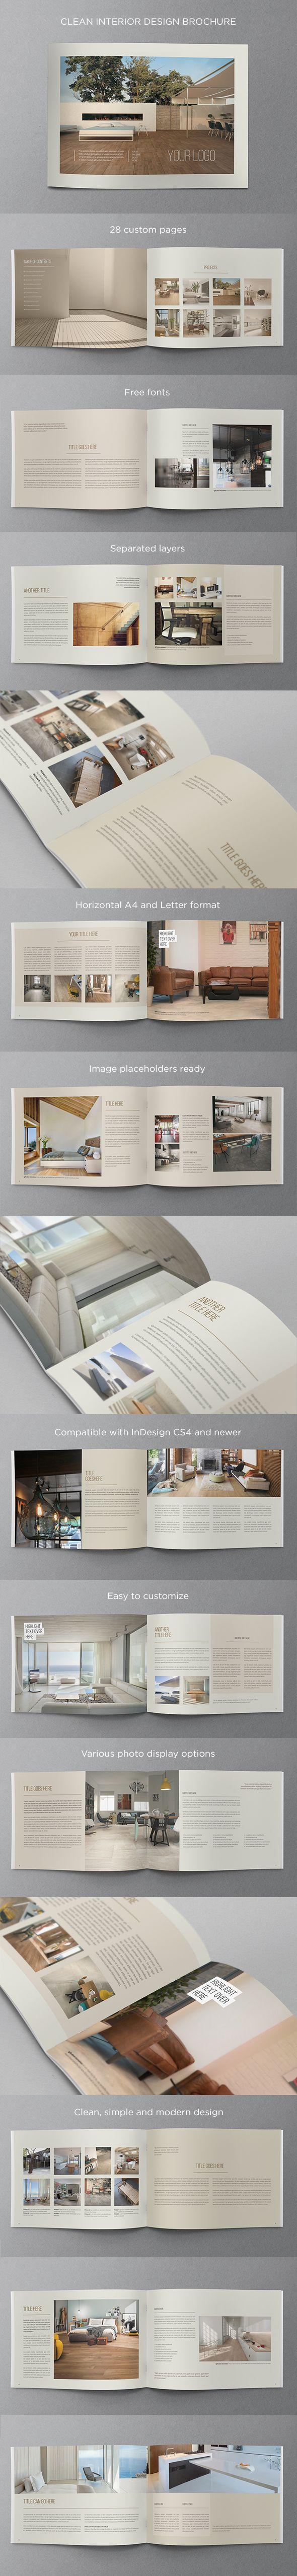 Best 25+ Interior design presentation ideas on Pinterest ...